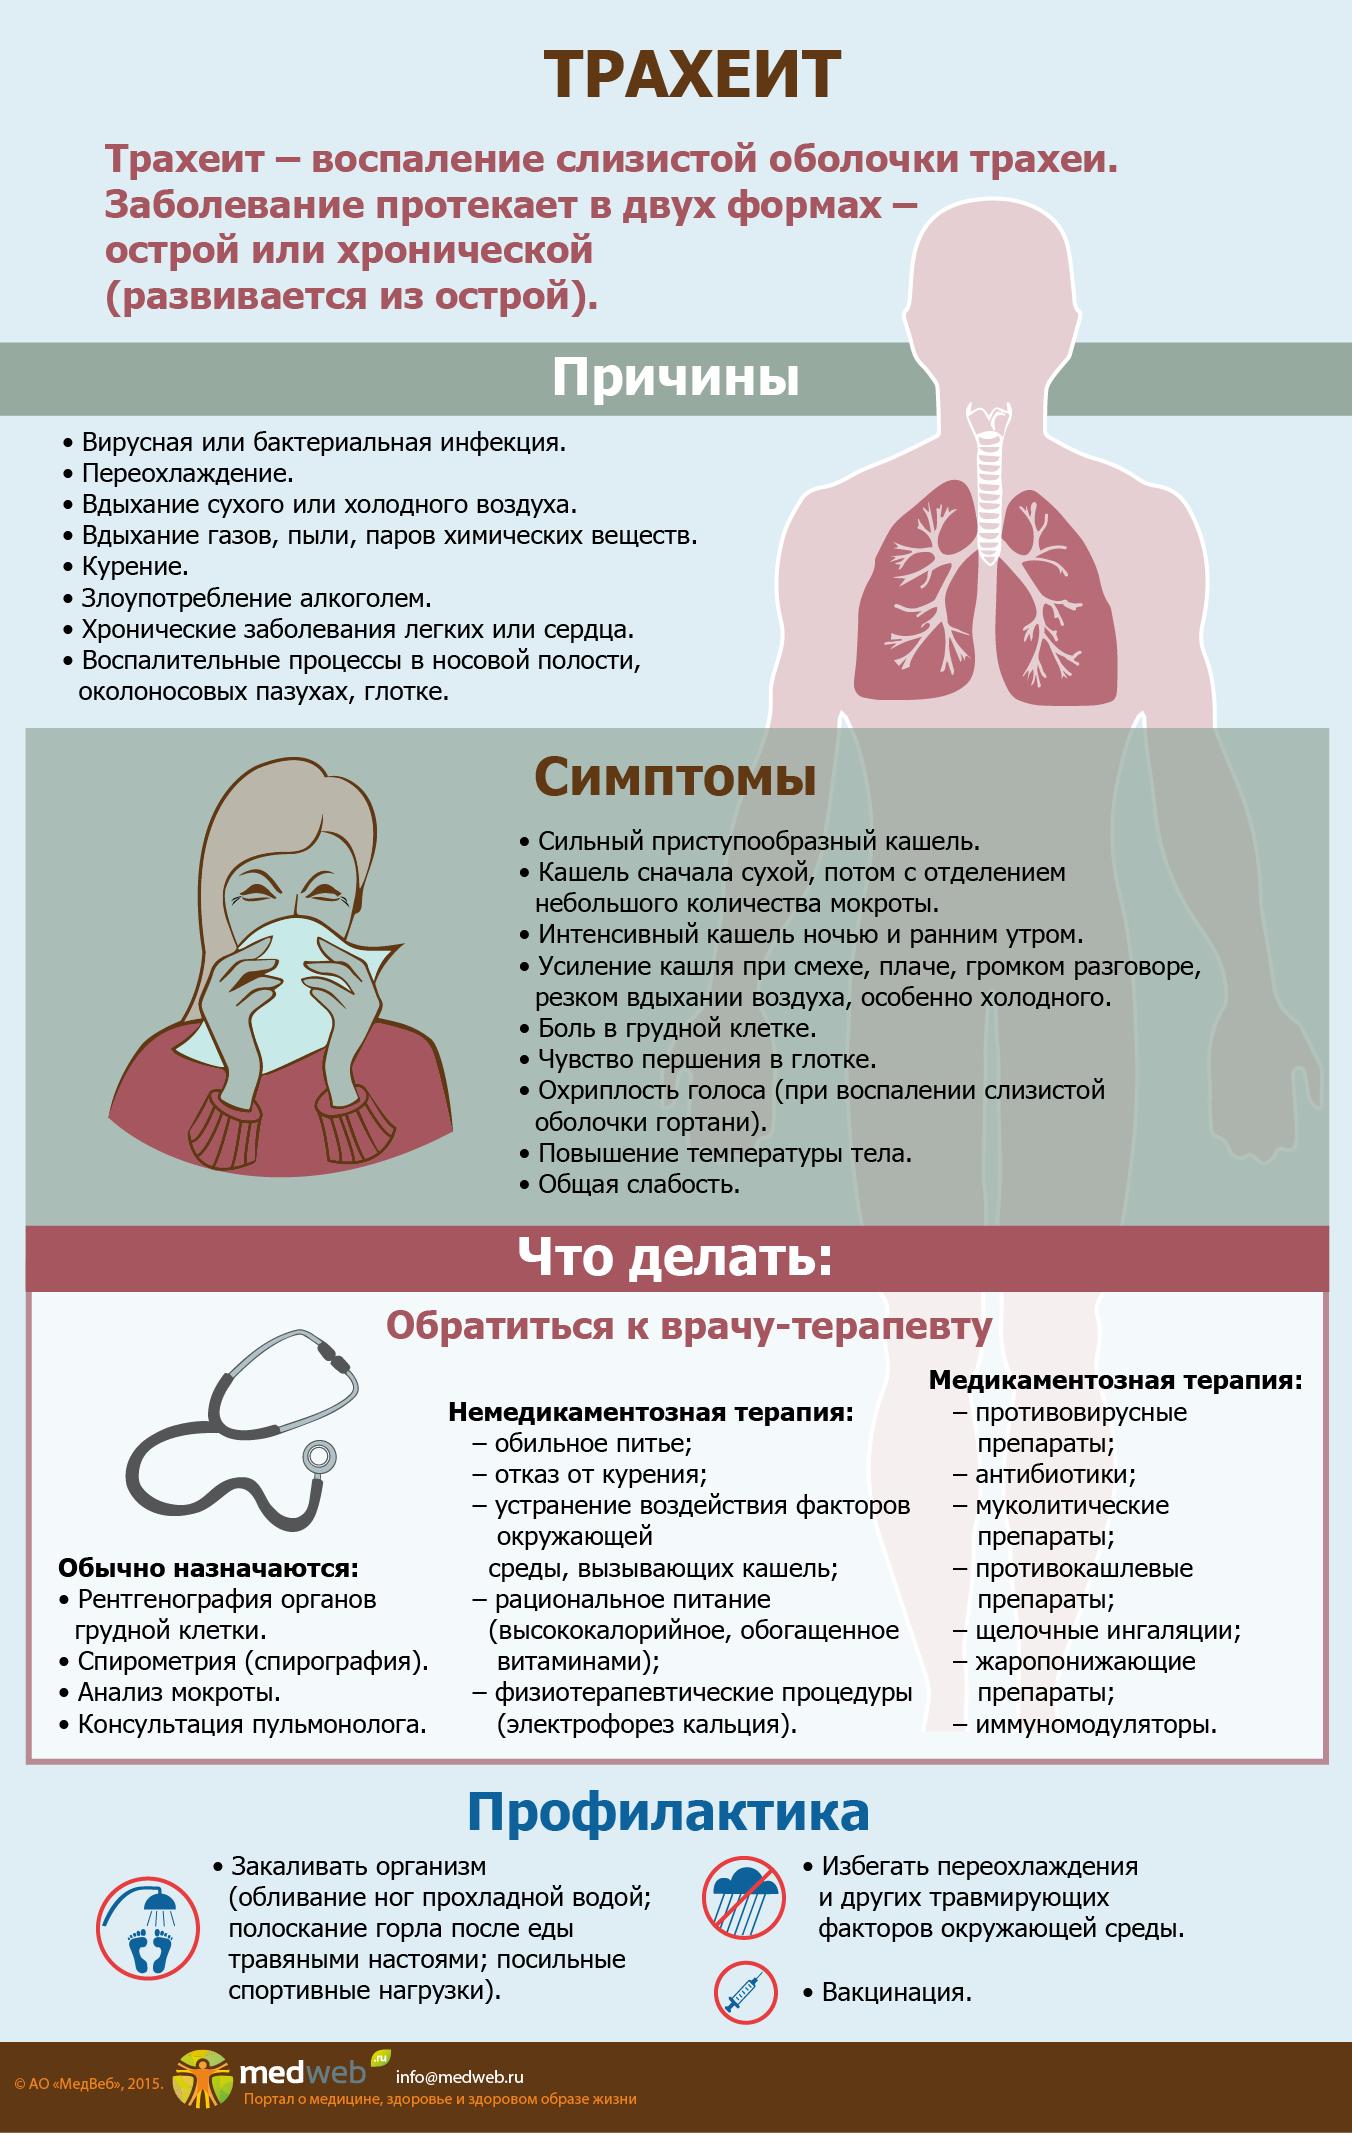 Диагностика трахеита – к какому врачу обратиться?